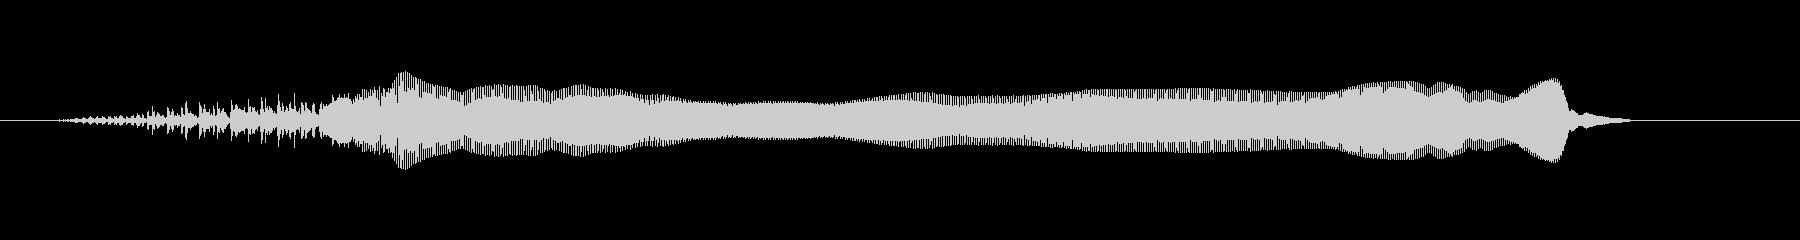 いよ~:能の掛け声の未再生の波形